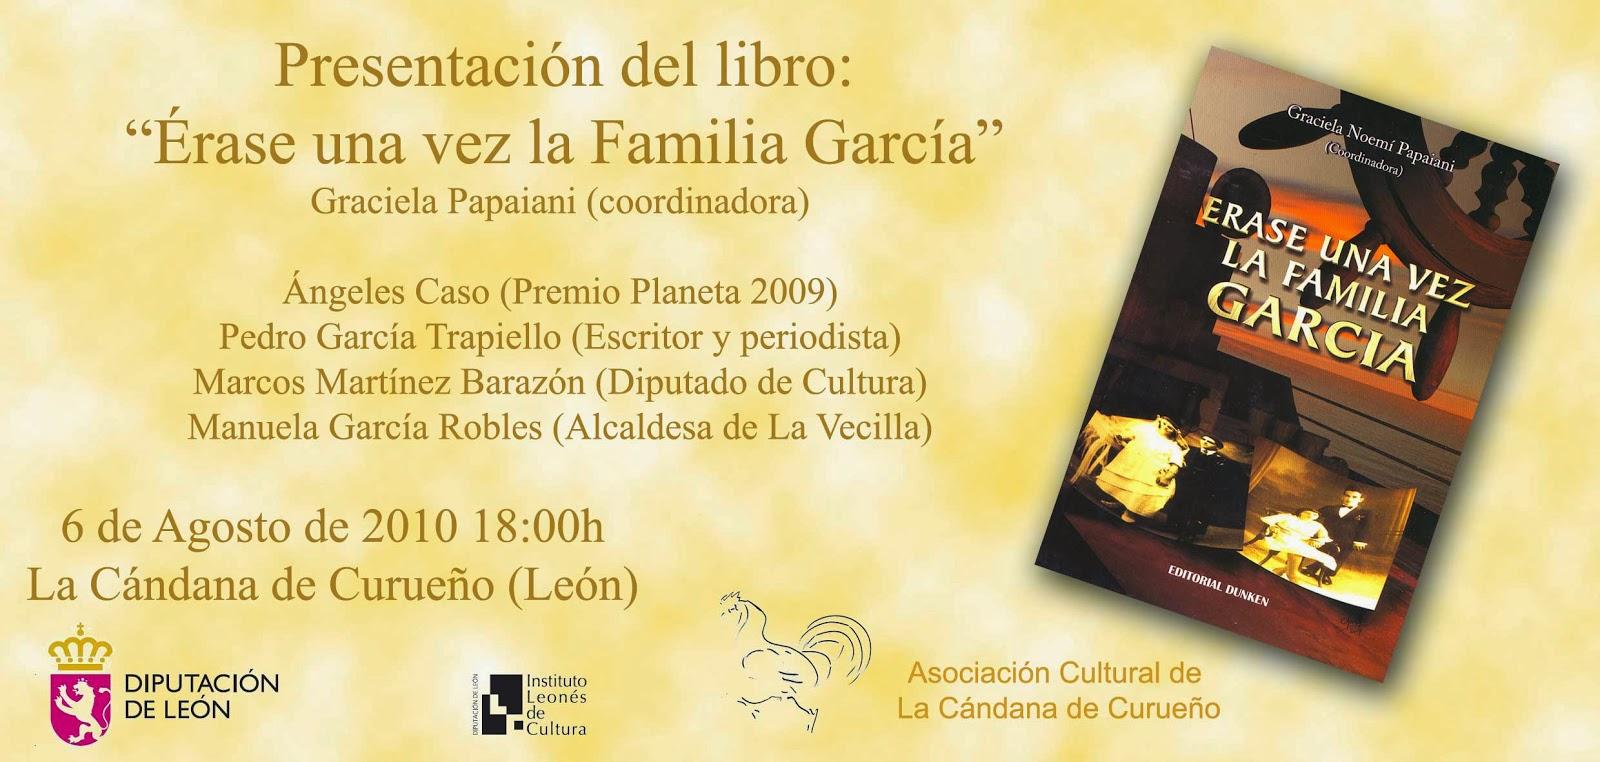 Érase una vez la Familia García: Presentación en La Cándana de ...